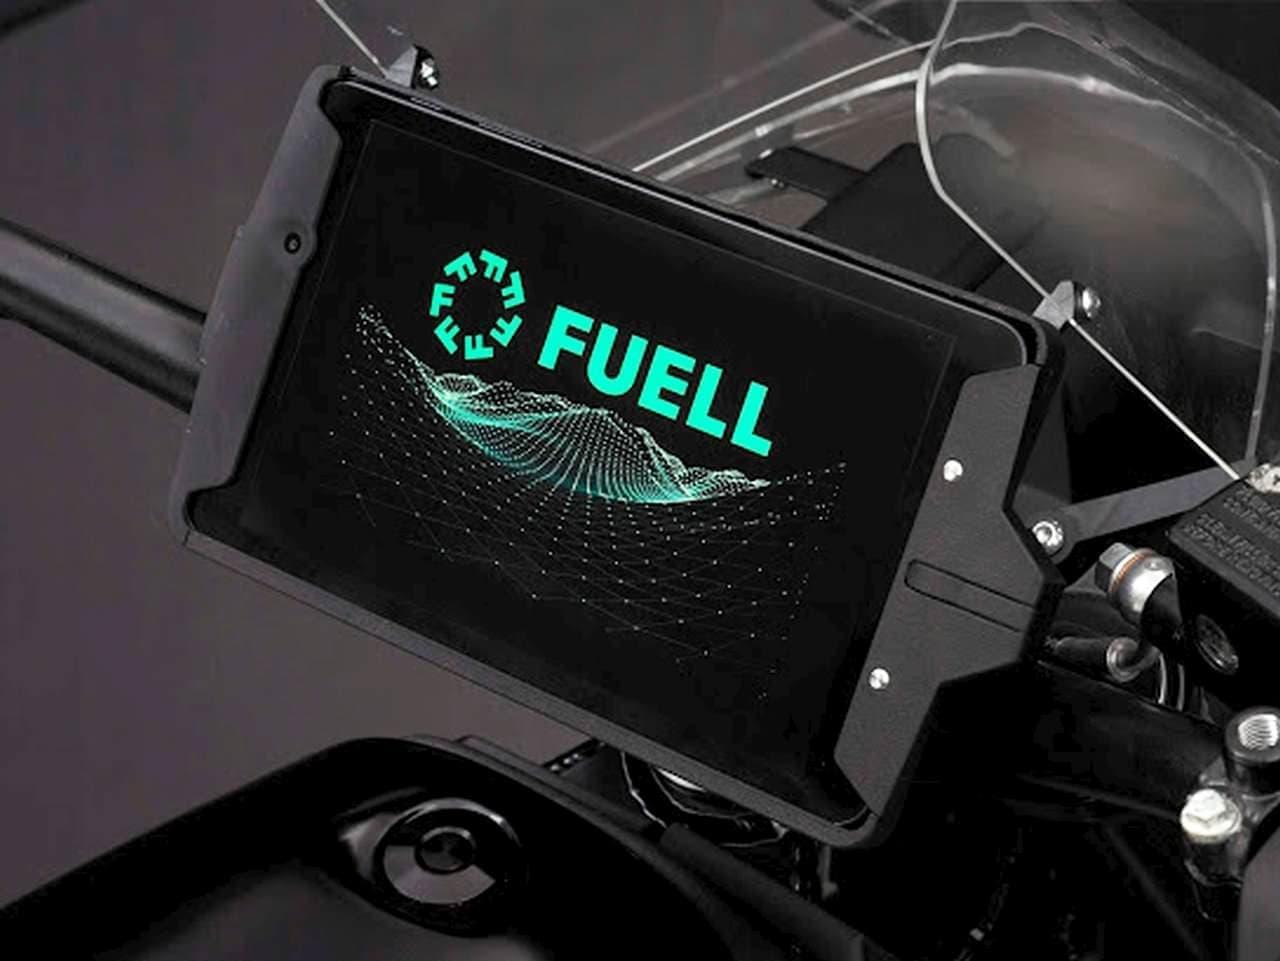 エリック ビューエル氏による電動バイクFuell「Flow」